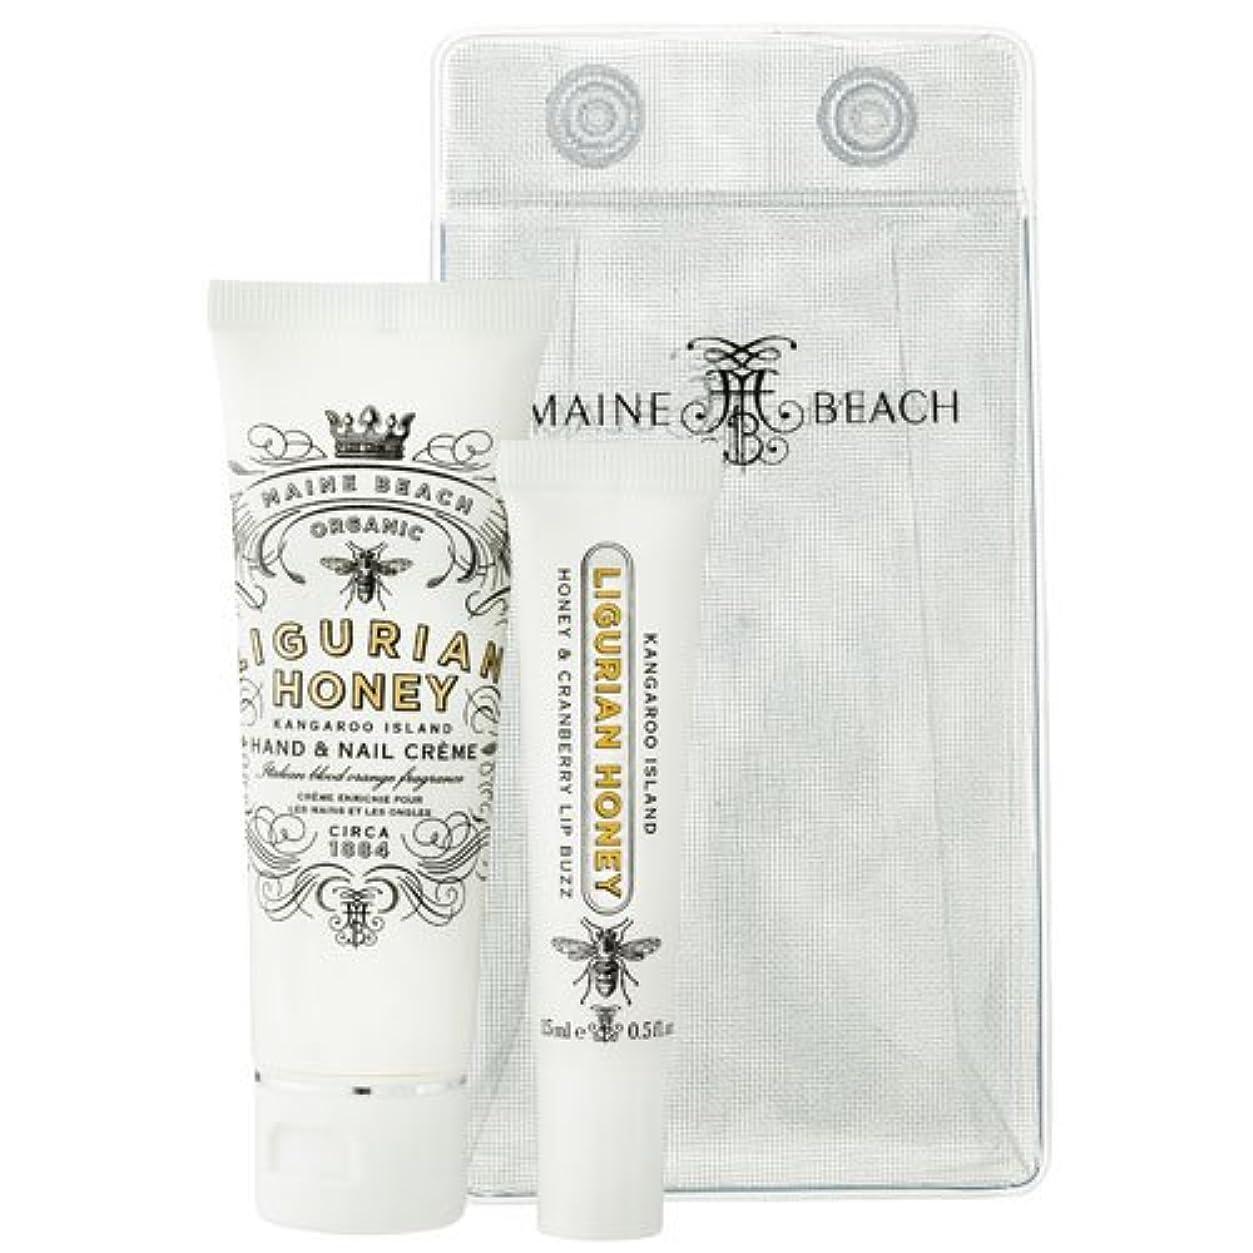 性的千意図的MAINE BEACH マインビーチ リグリアンハニーシリーズ  Essentials DUO Pack エッセンシャル デュオ パック